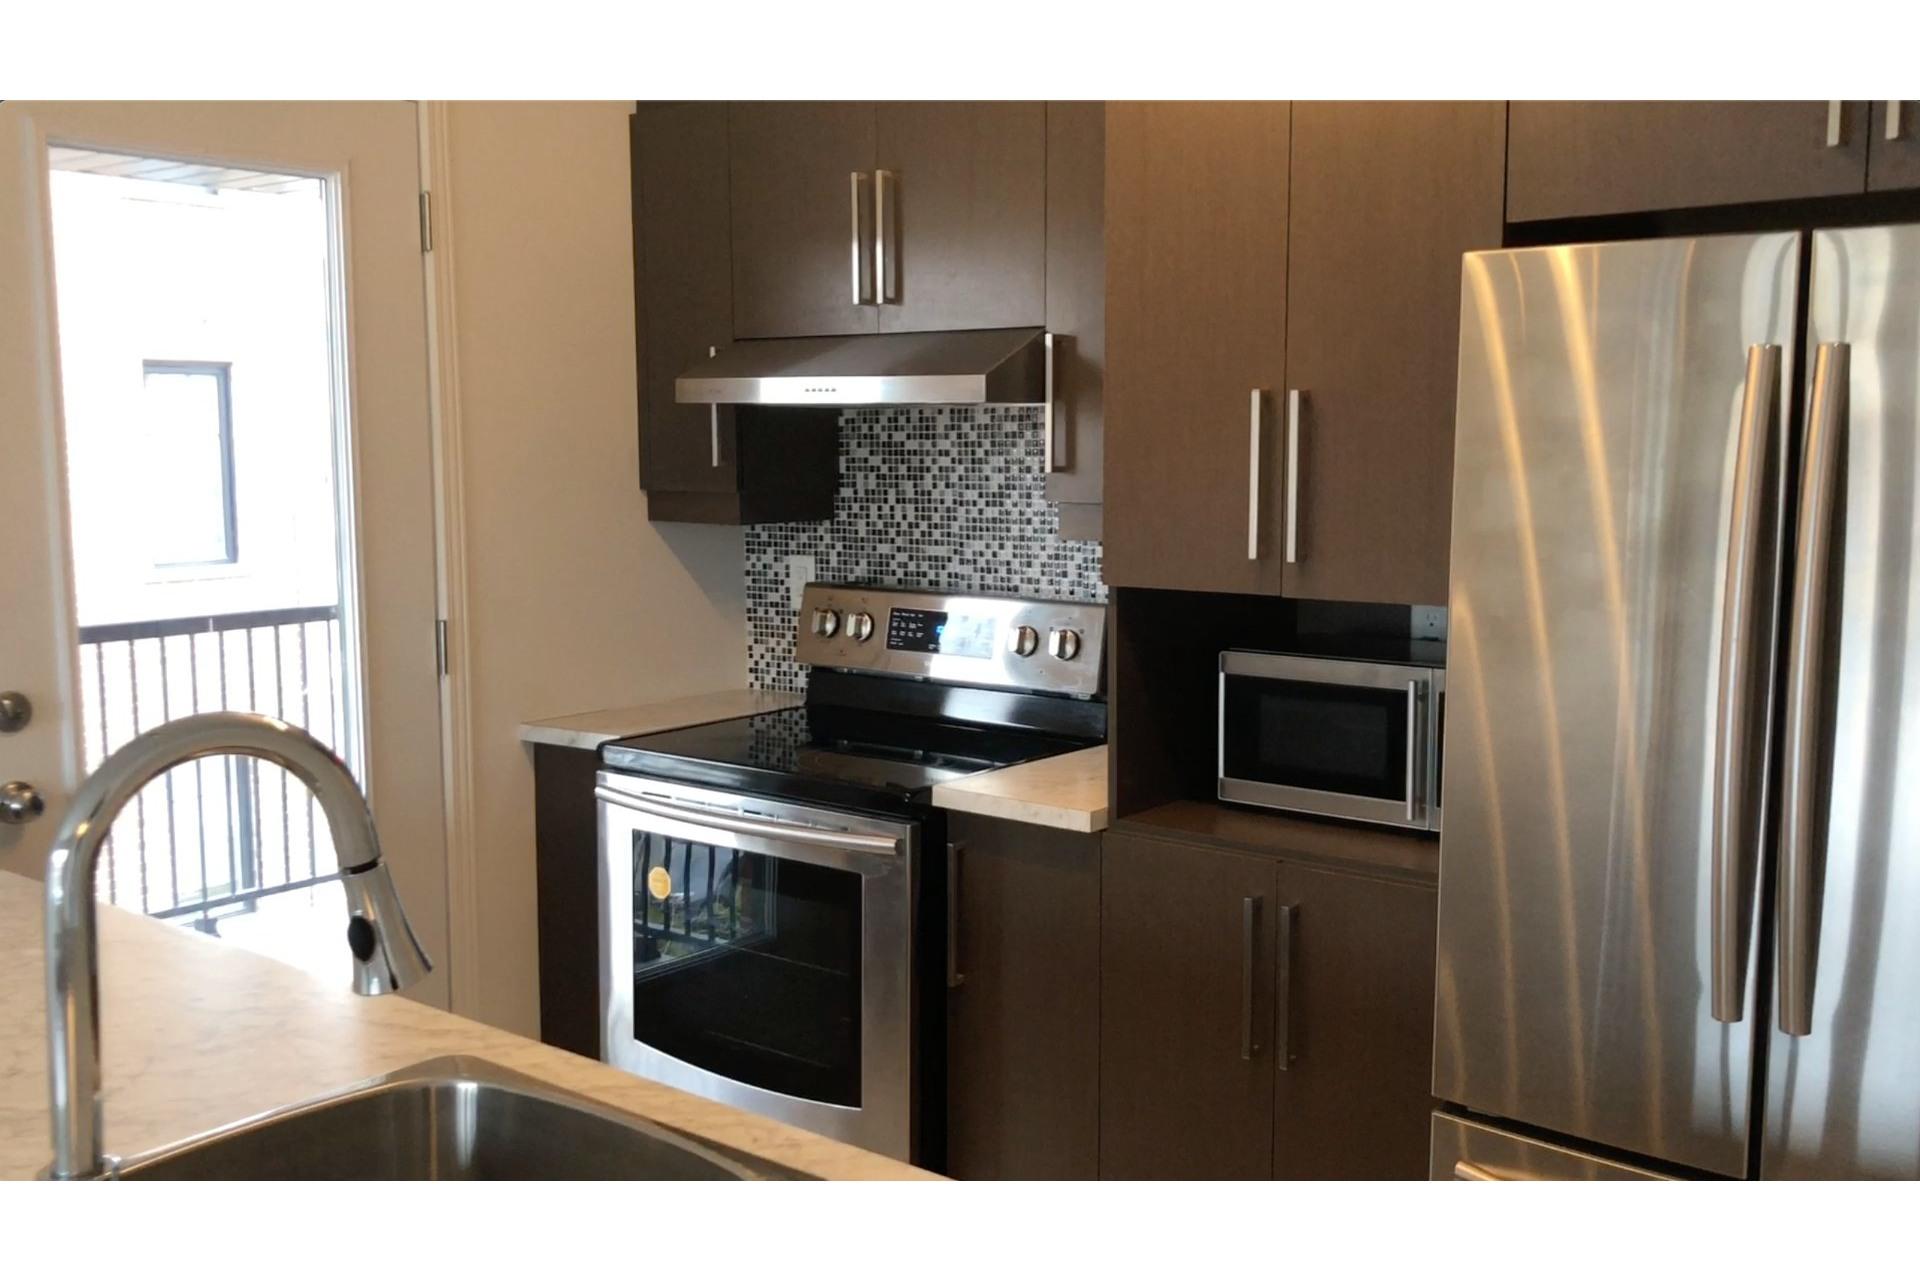 image 4 - Appartement À vendre Brossard - 6 pièces